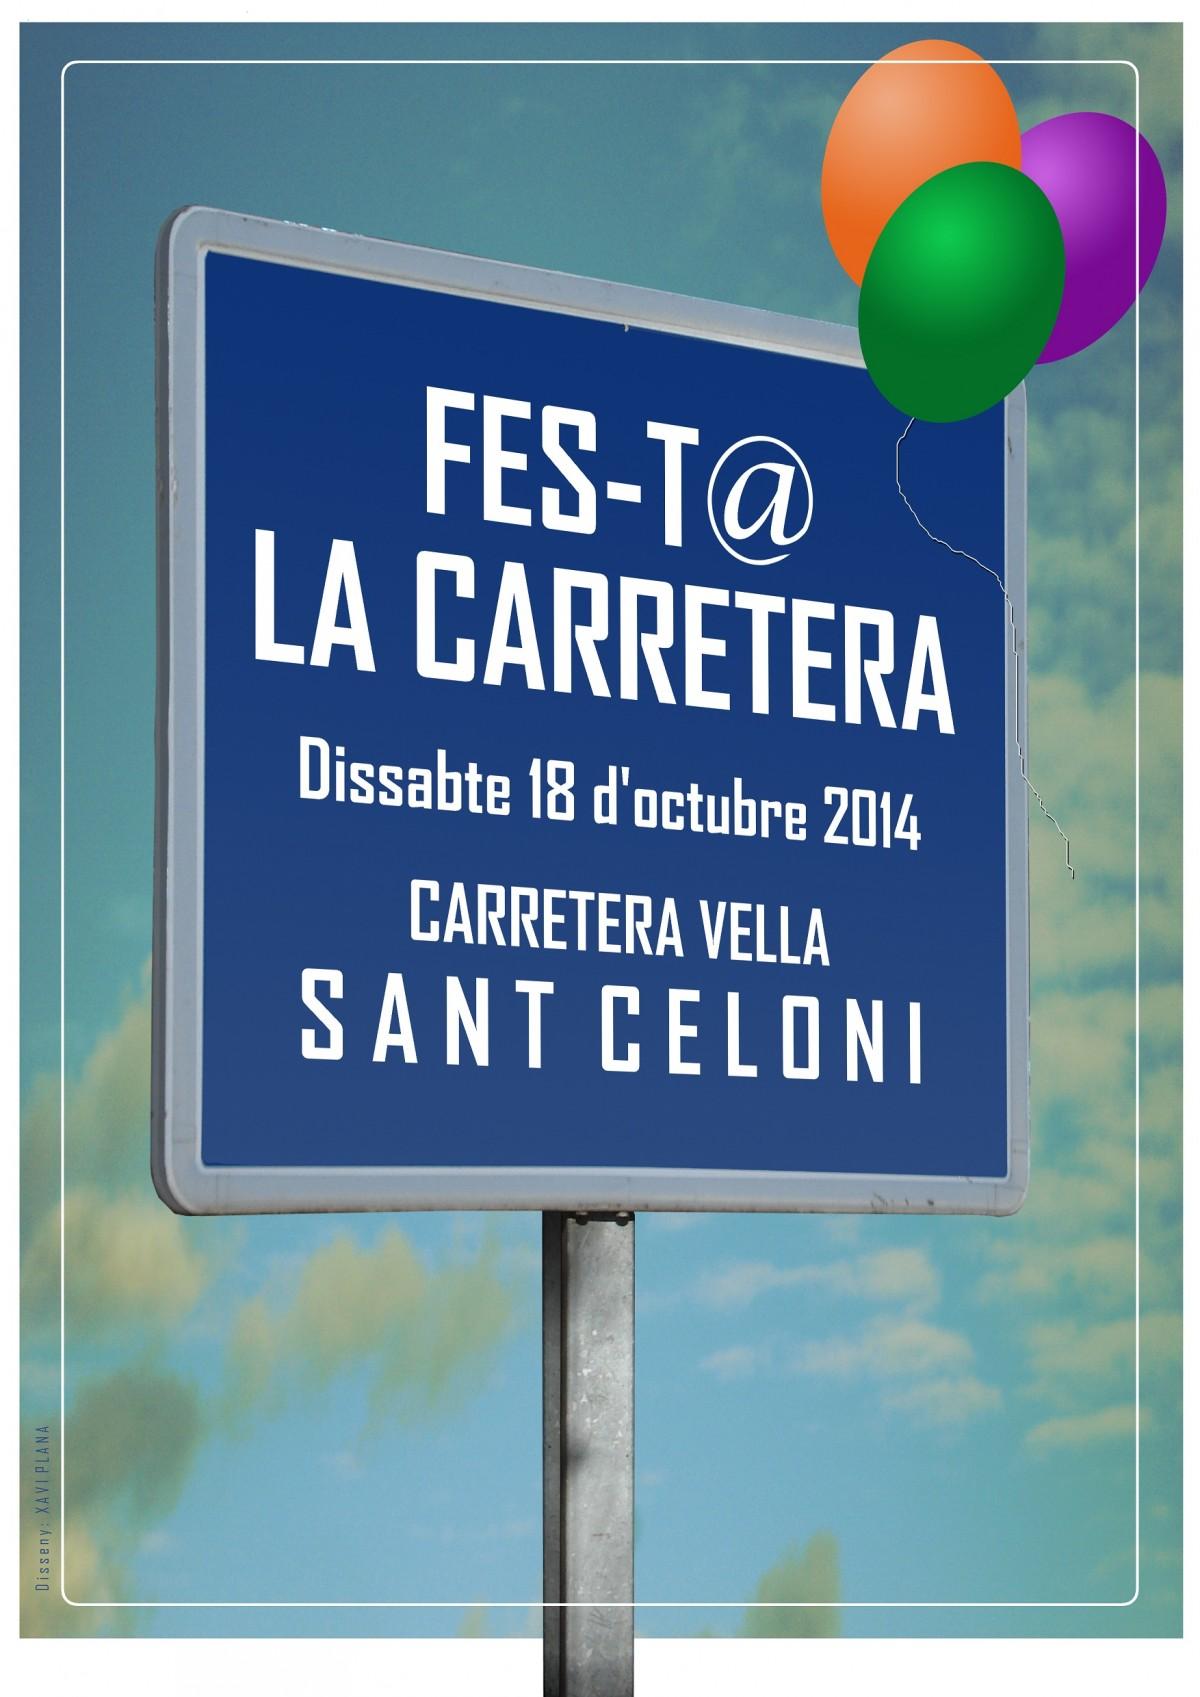 Festa LA CARRETERA cartell copia 3-1